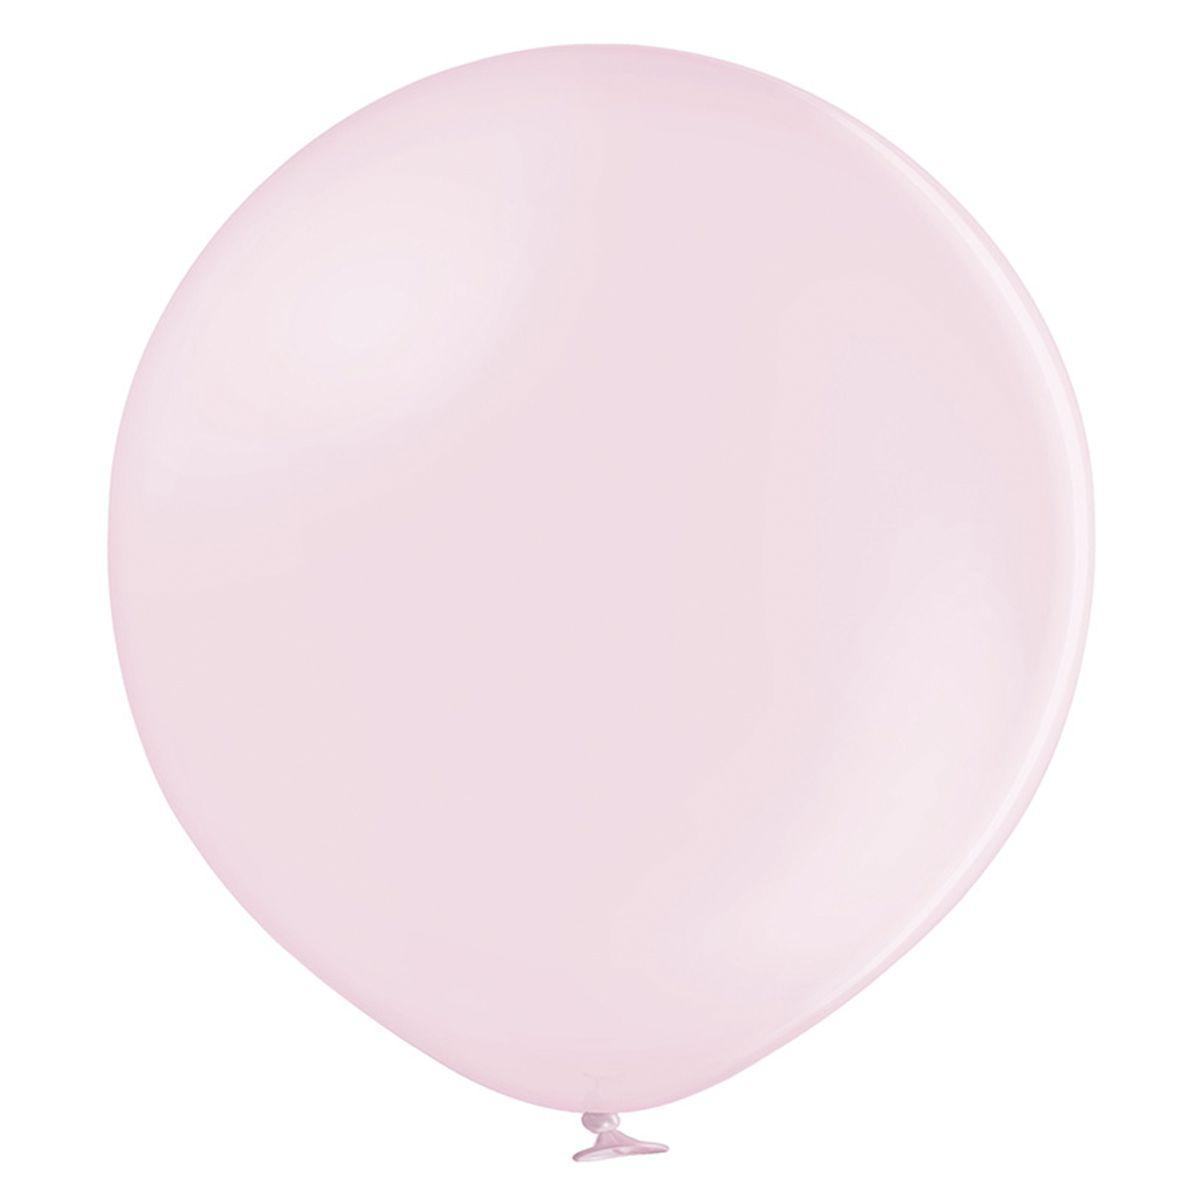 Belbal В105/454 Пастель светло-розовый Макарун (50 шт)